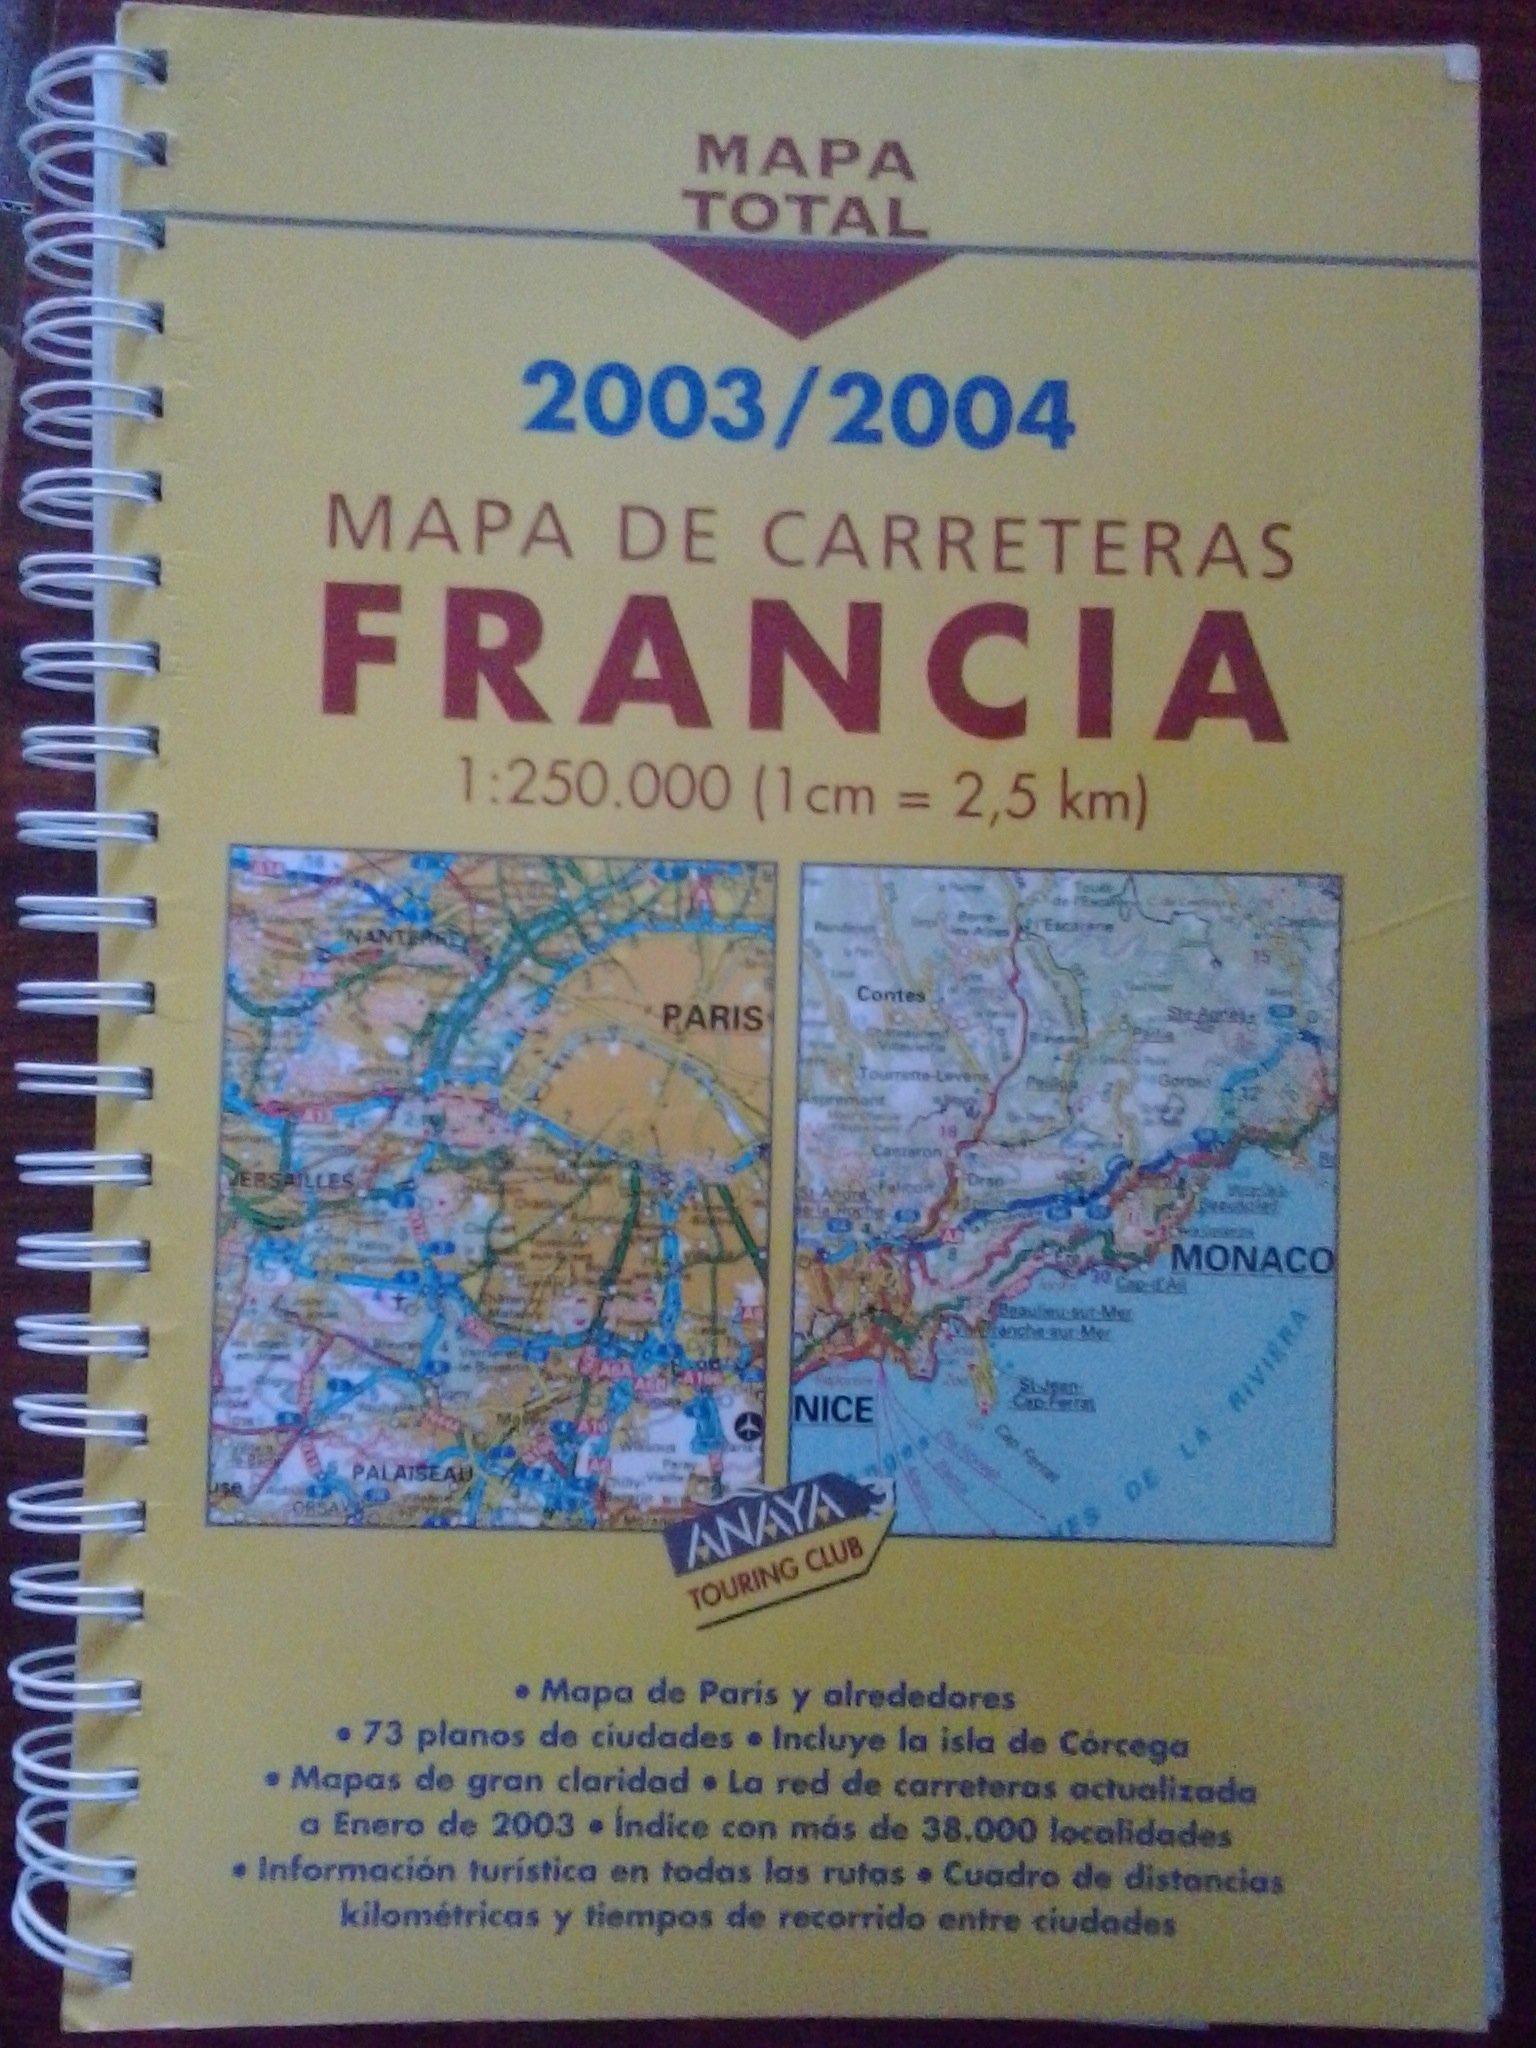 Mapa De Carreteras Francia 2003 2004 1 250000 Vv Aa